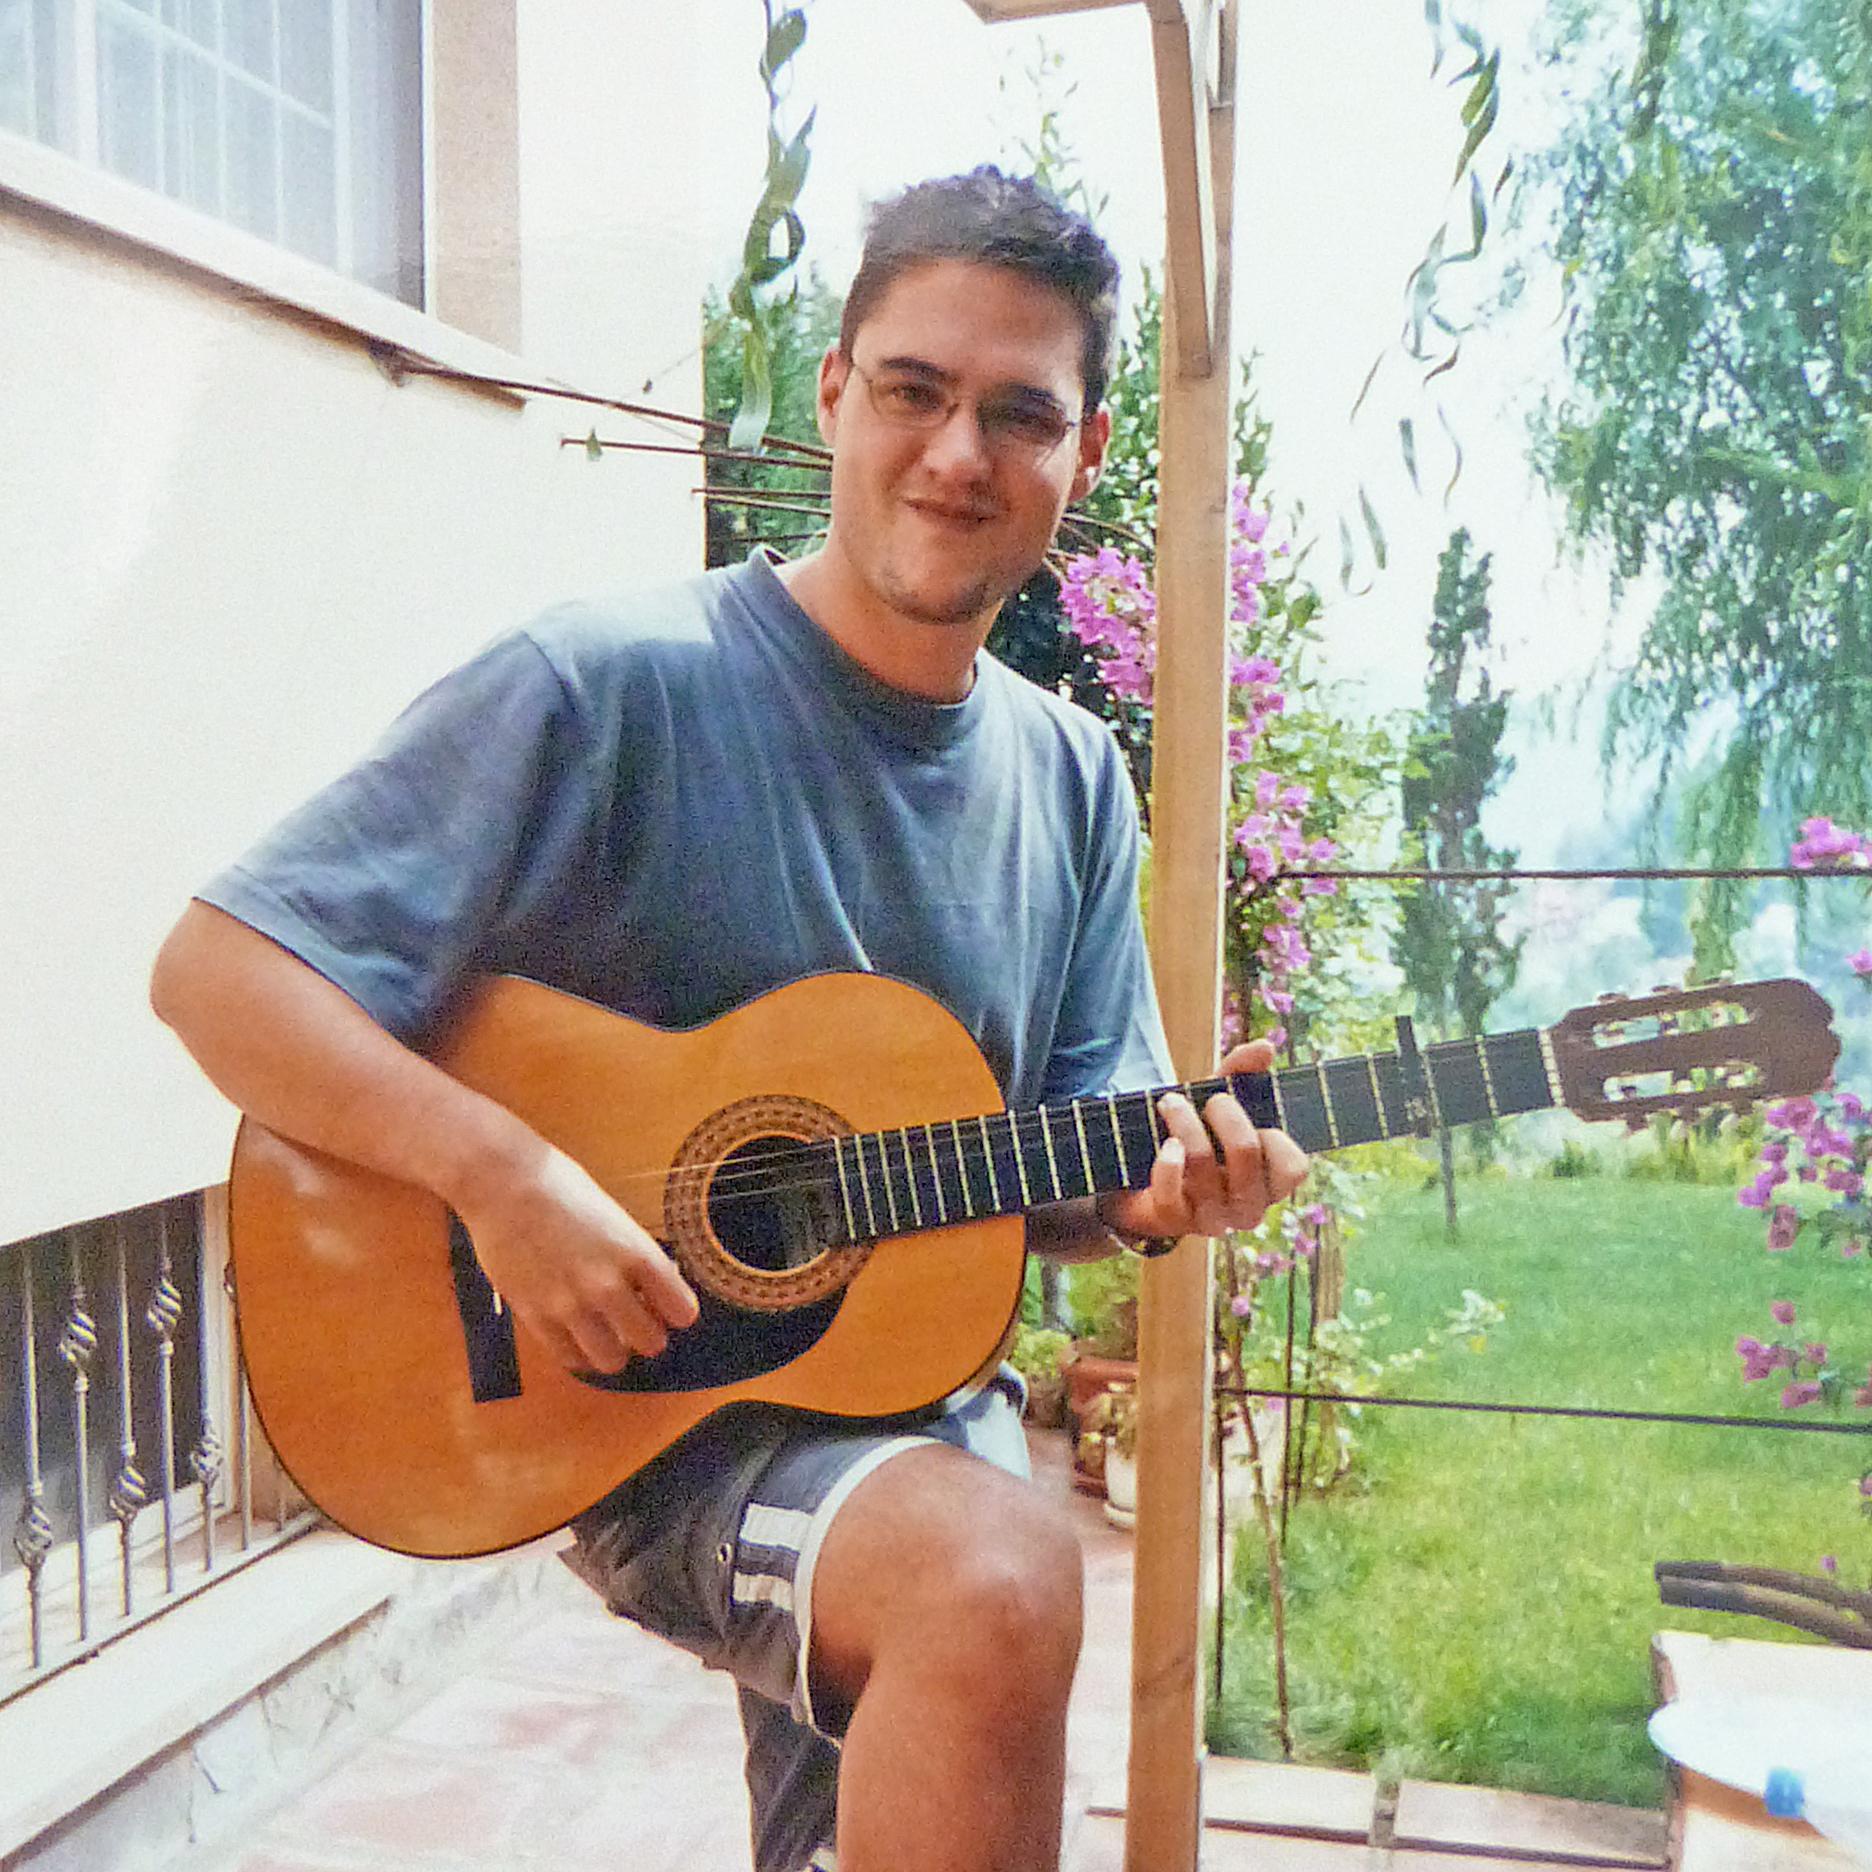 ivan jimenez tocando la guitarra en su adolescencia